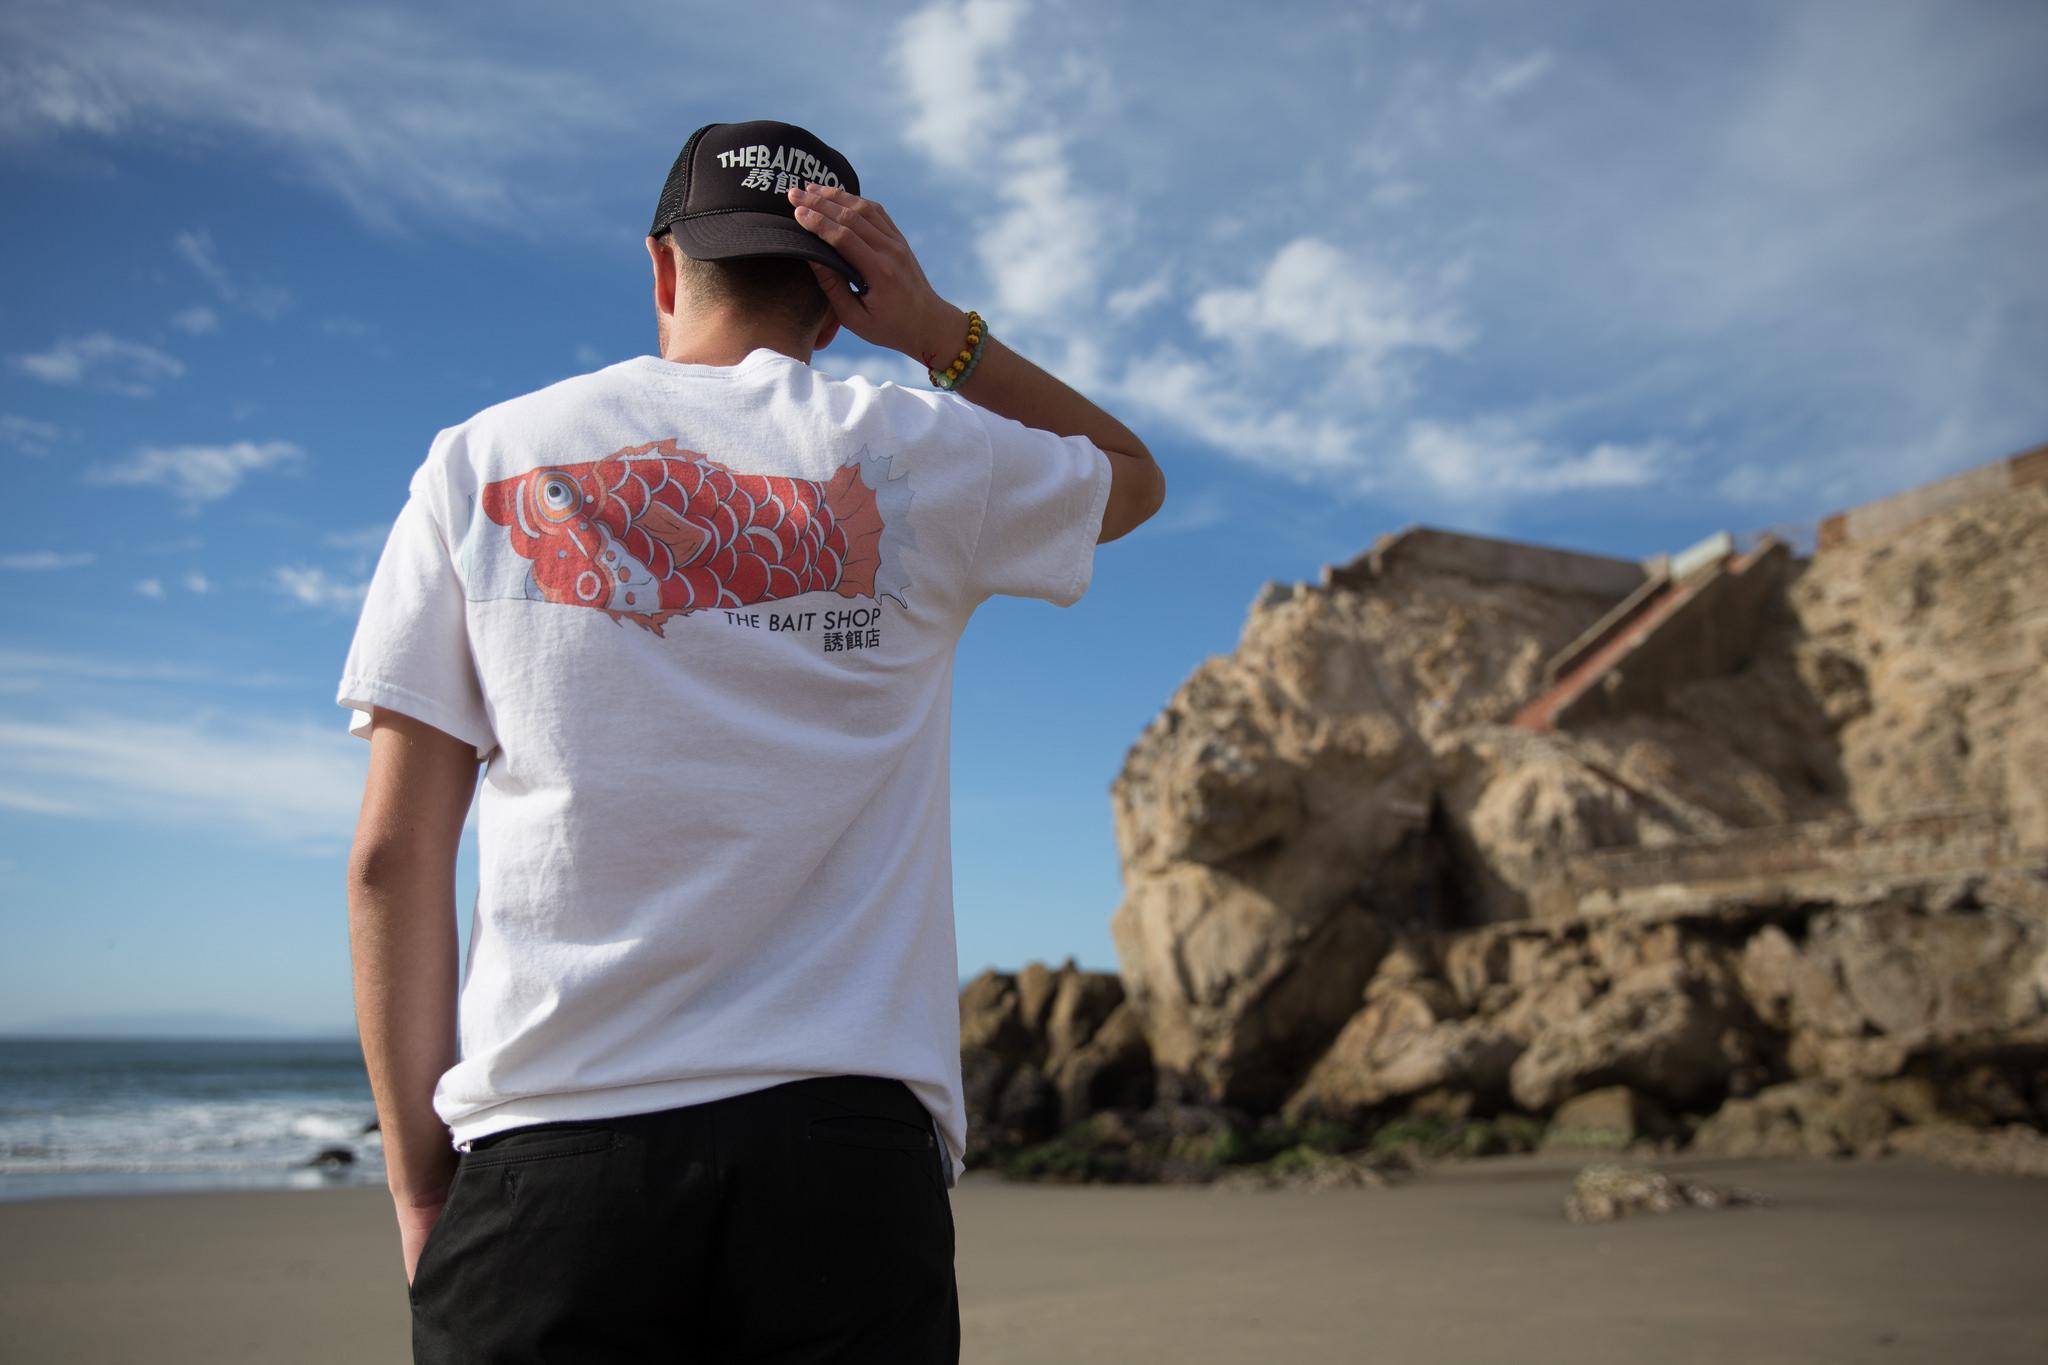 Entrepreneurial spirit inspires student's clothing line